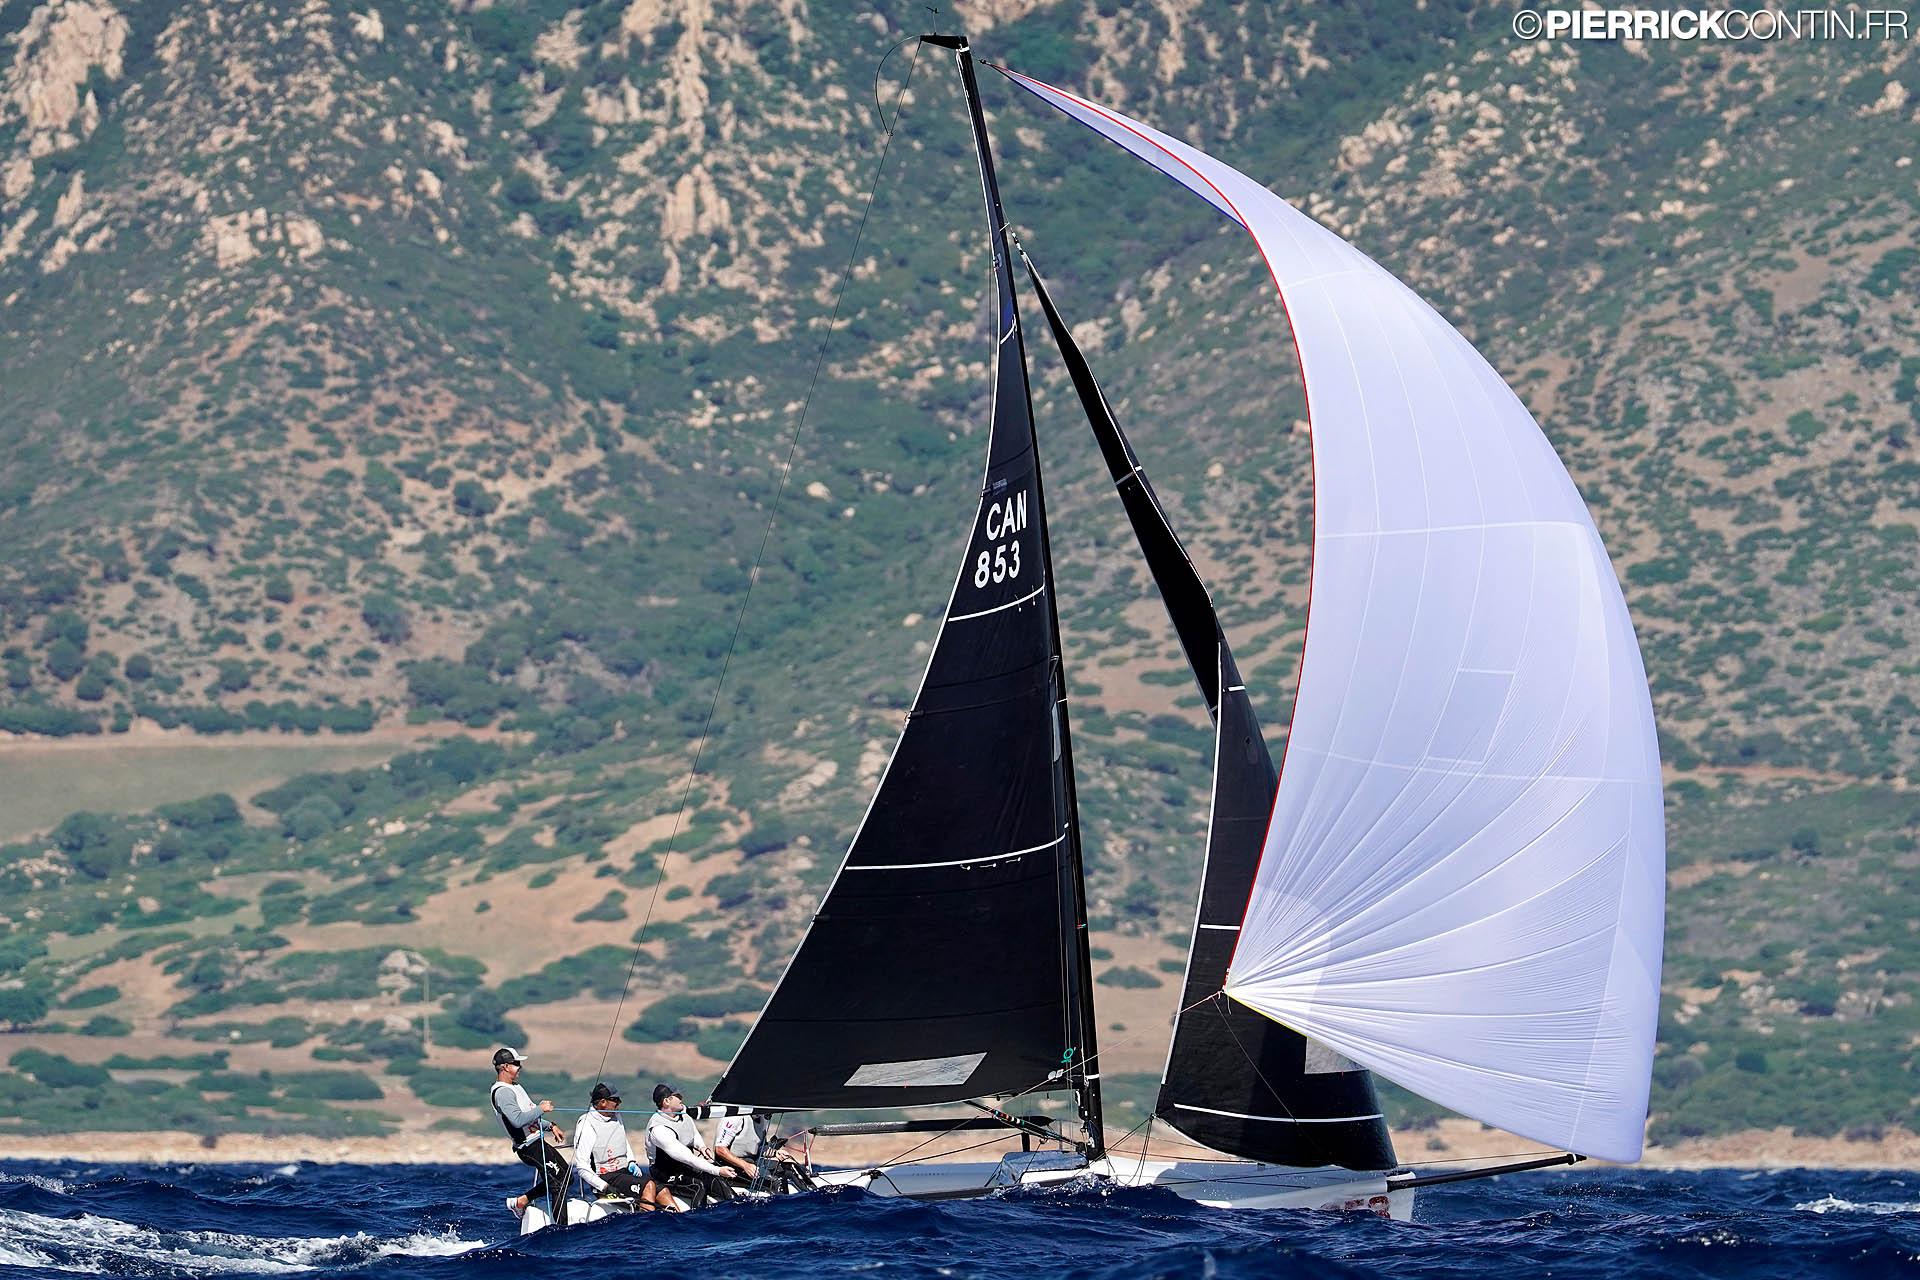 CAN-853 Zinfara at 2019 Melges 24 World Championship